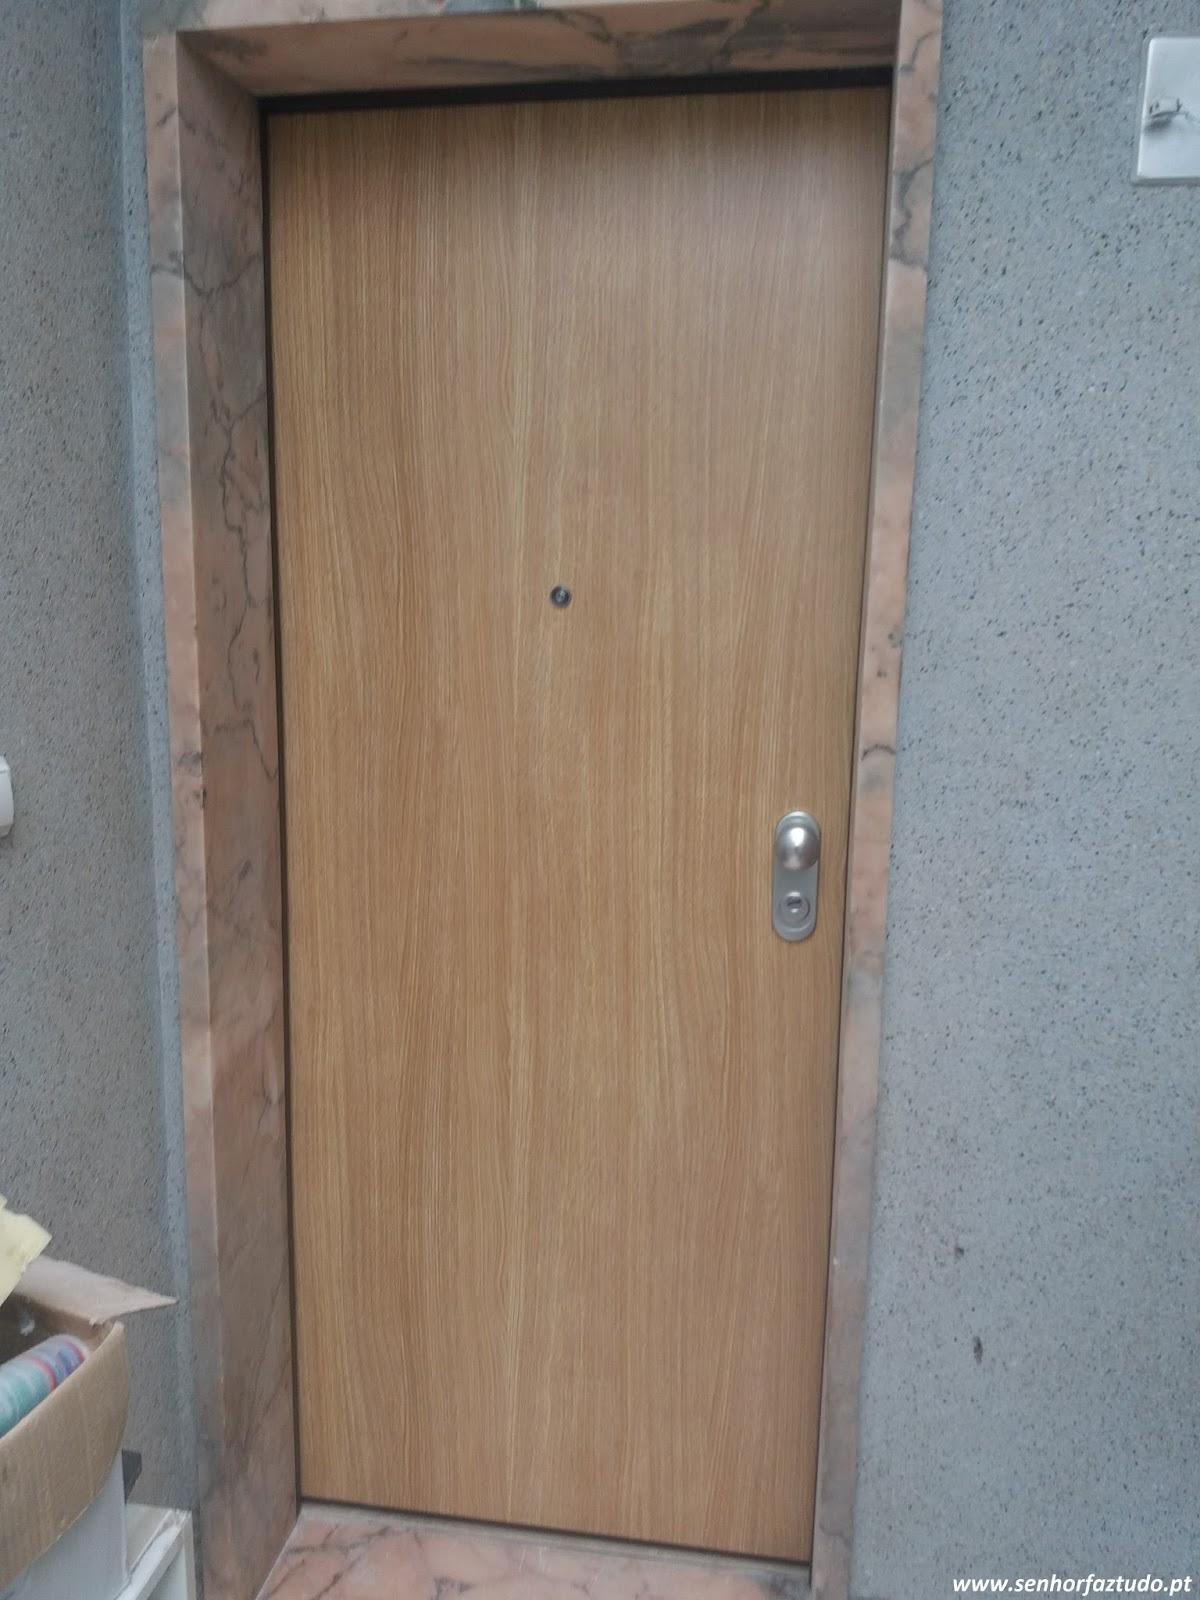 Senhor faz tudo faz tudo pelo seu lar remodela o de - Pintar aluminio lacado ...